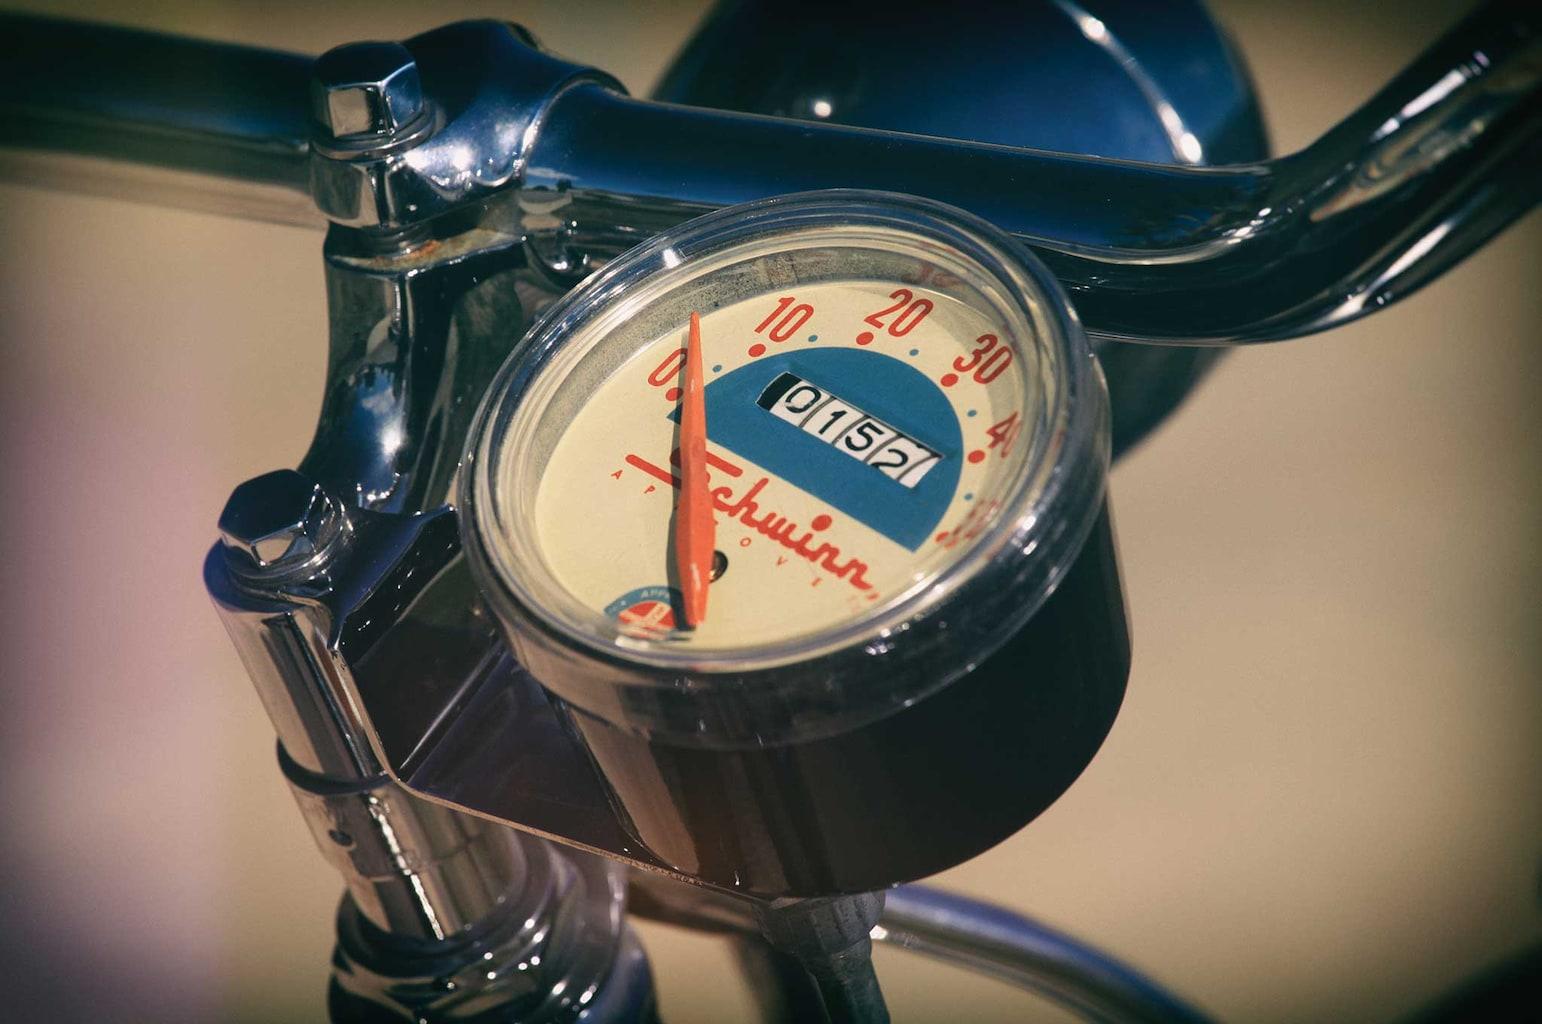 1959 schwinn speedster speedometer